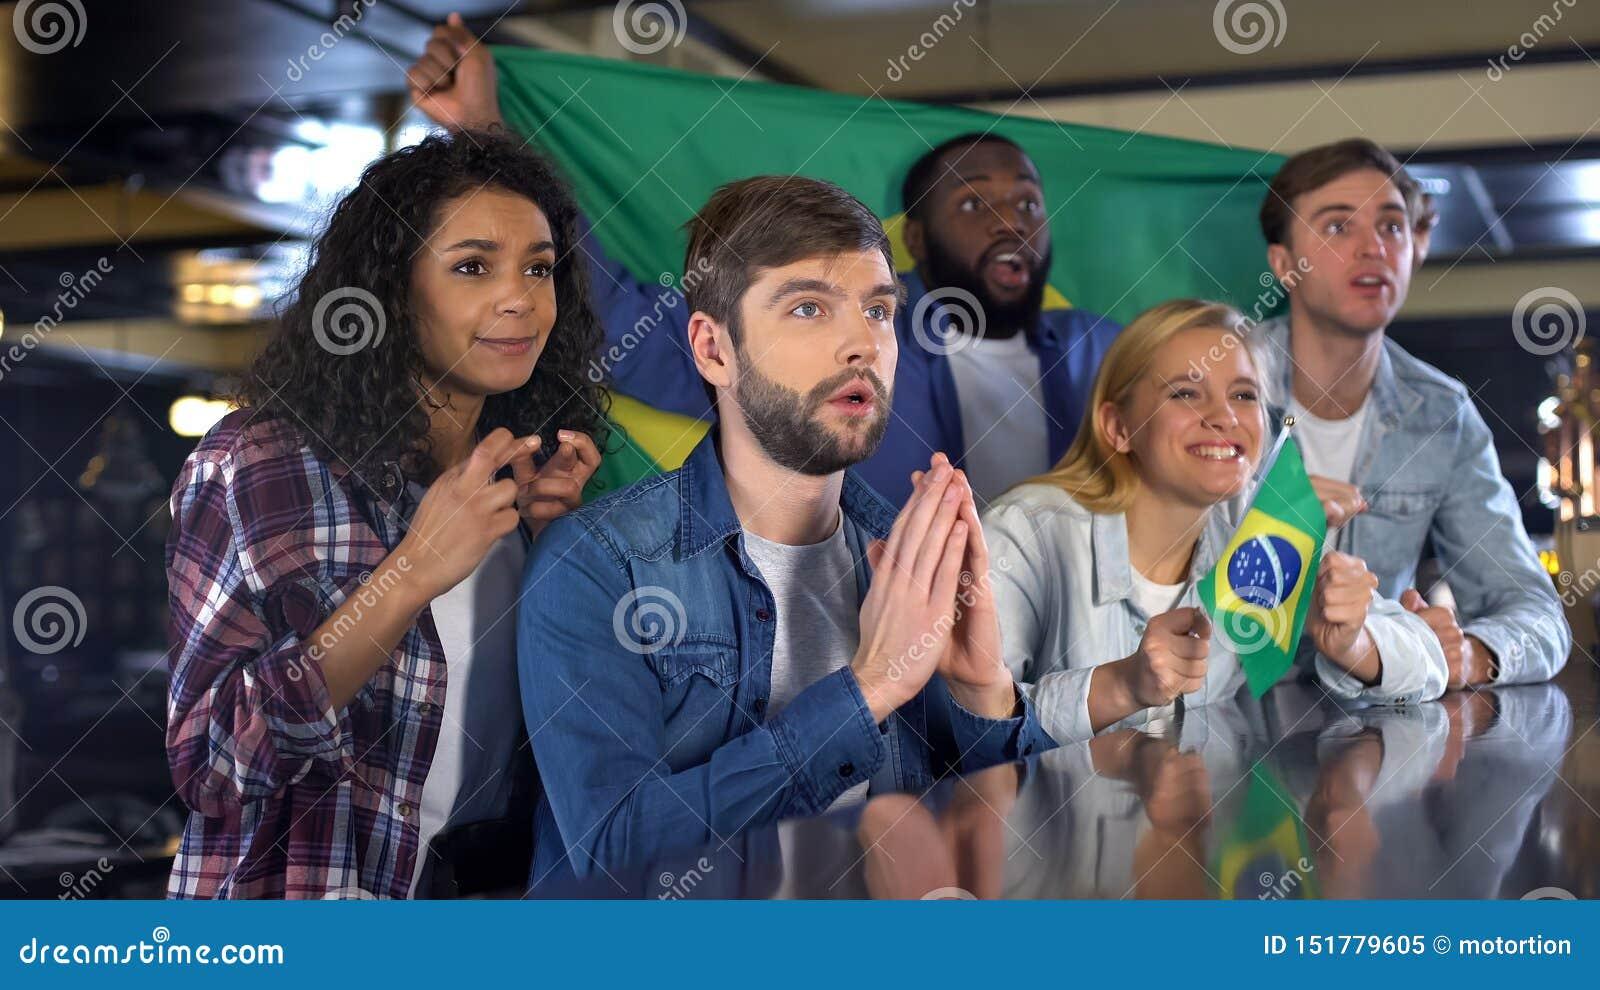 Встревоженные футбольные болельщики с бразильскими флагами поддерживая национальную команду в игре